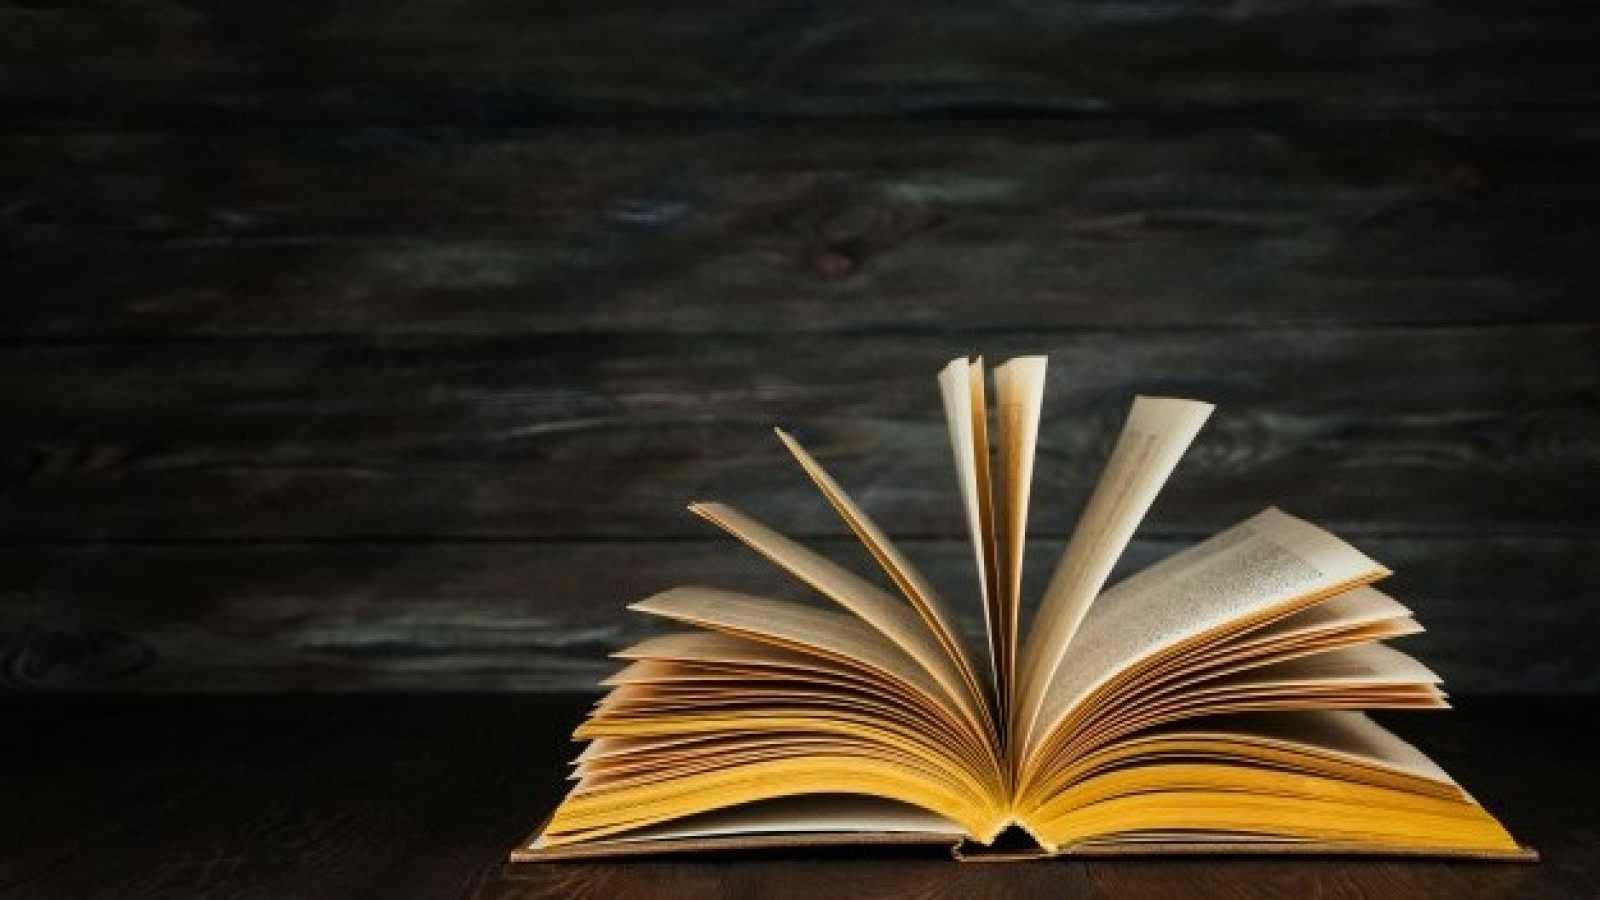 Todos somos sospechosos - Poesía fantástica, naturaleza y libros antiguos - 29/01/21 - escuchar ahora